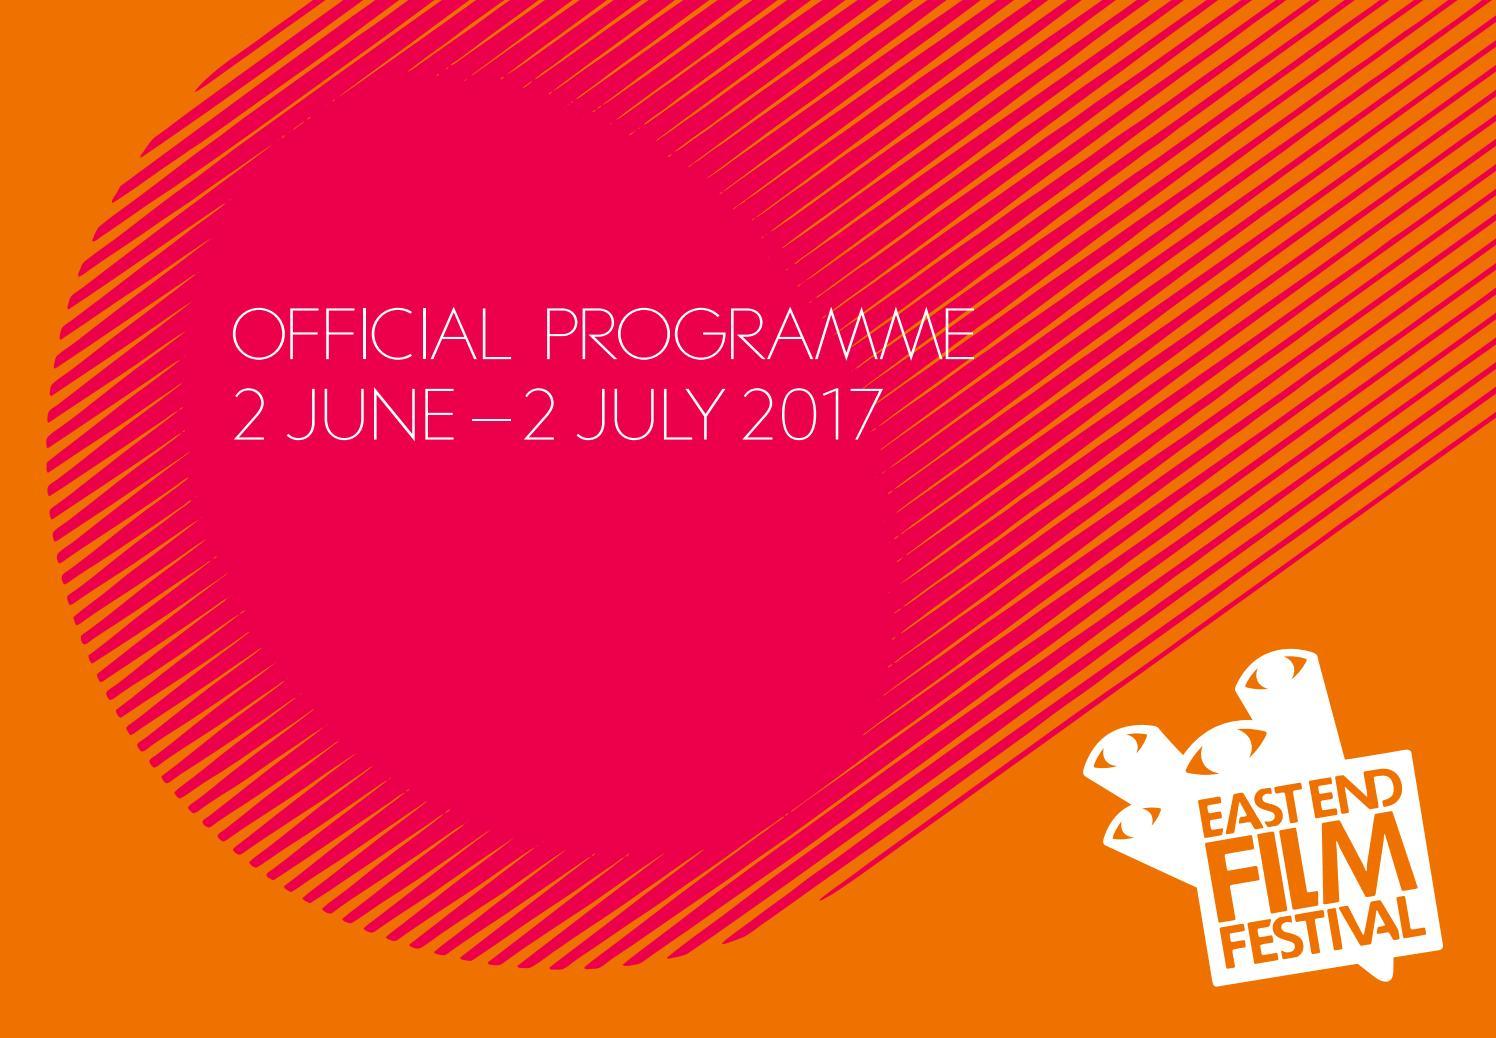 East End Film Festival 2017 by East End Film Festival - issuu